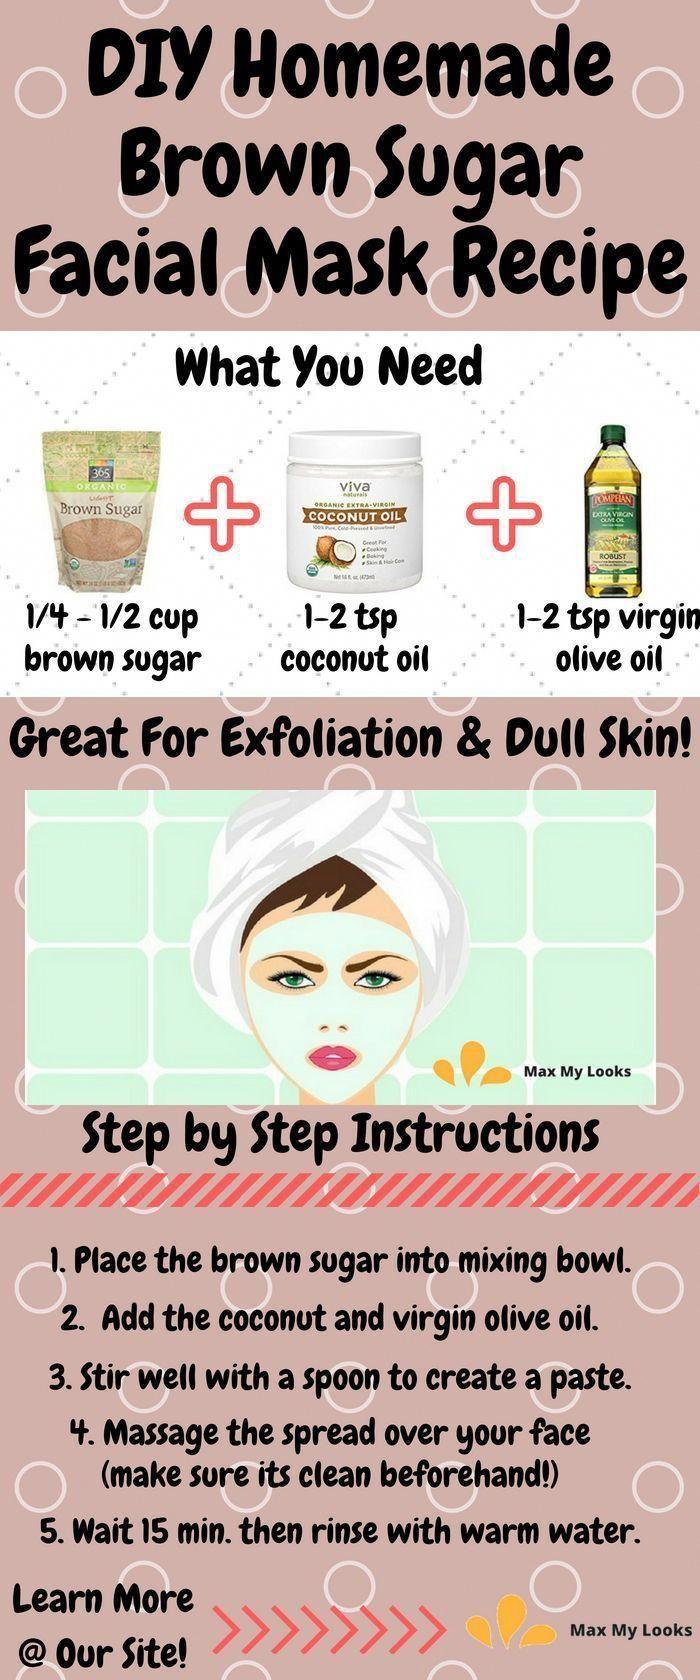 Face masks, proper regimen ref 9361087313 for a really basic facial skin care. #…